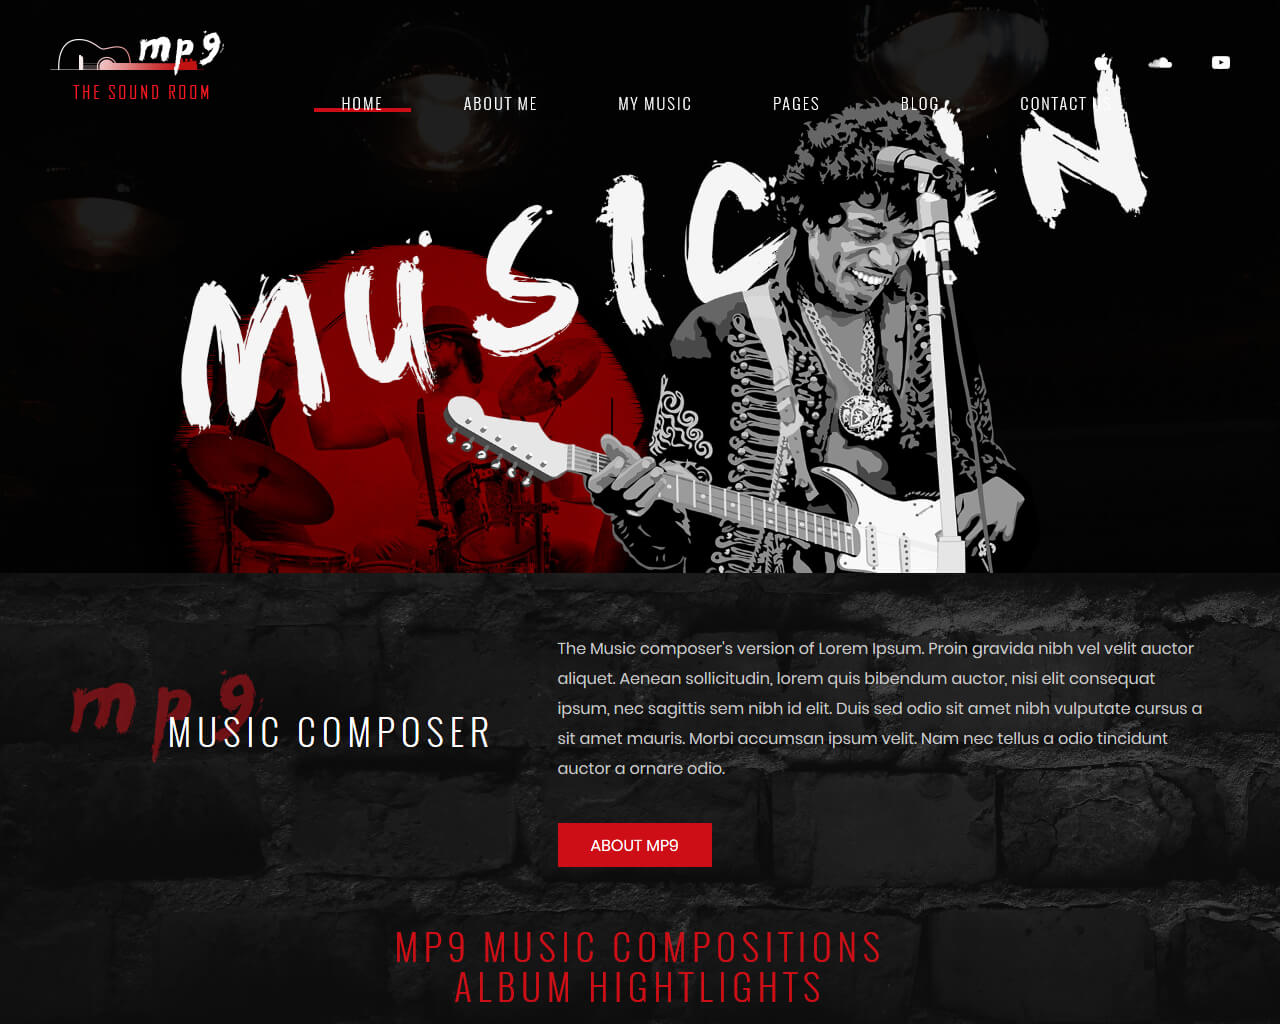 MP9 Website Template